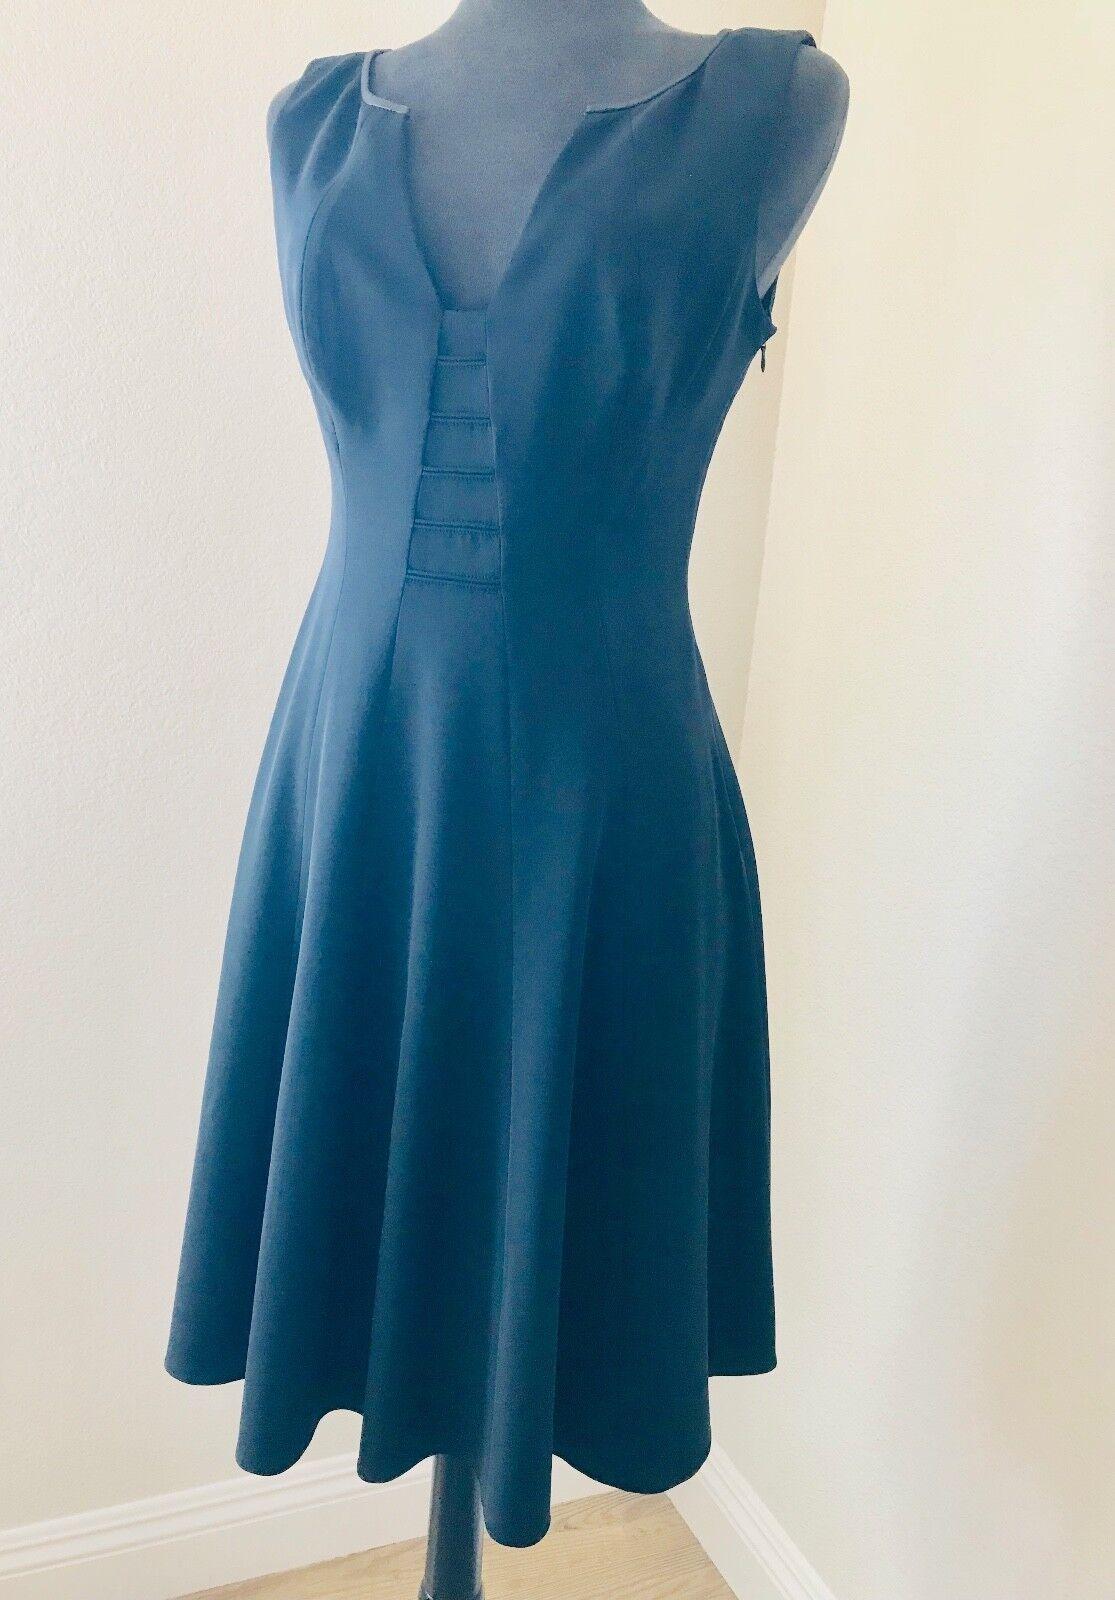 ELIE TAHARI Stretch Wool Sleeveless V-Neck Seamed Front Dress -Größe 8- schwarz